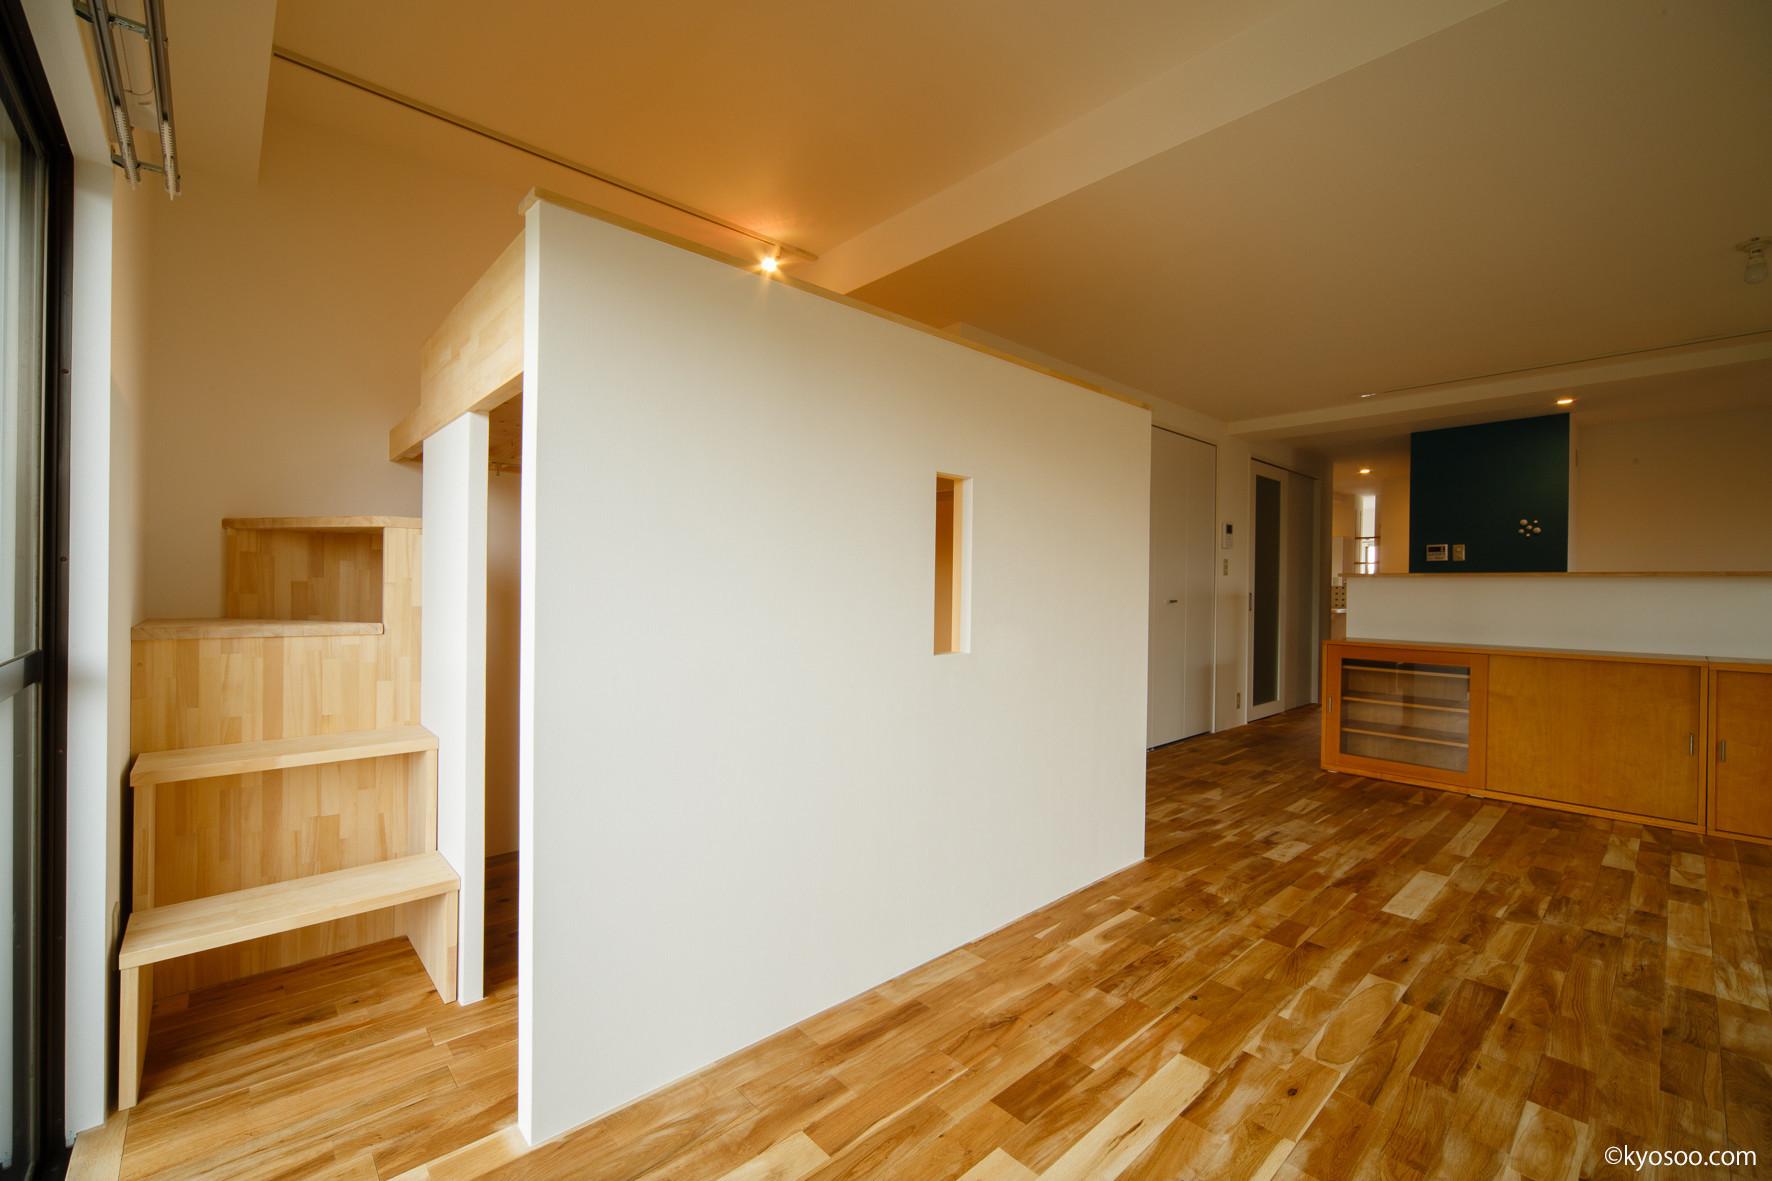 Living-Loft /  リビング内に、お子様のスペースをロフトの上下2層に製作しました。 下の内部は、お子様自ら選んだお色で水性塗装。階段の部分も収納に有効利用。お気に入りの空間となりました。    Ss-House